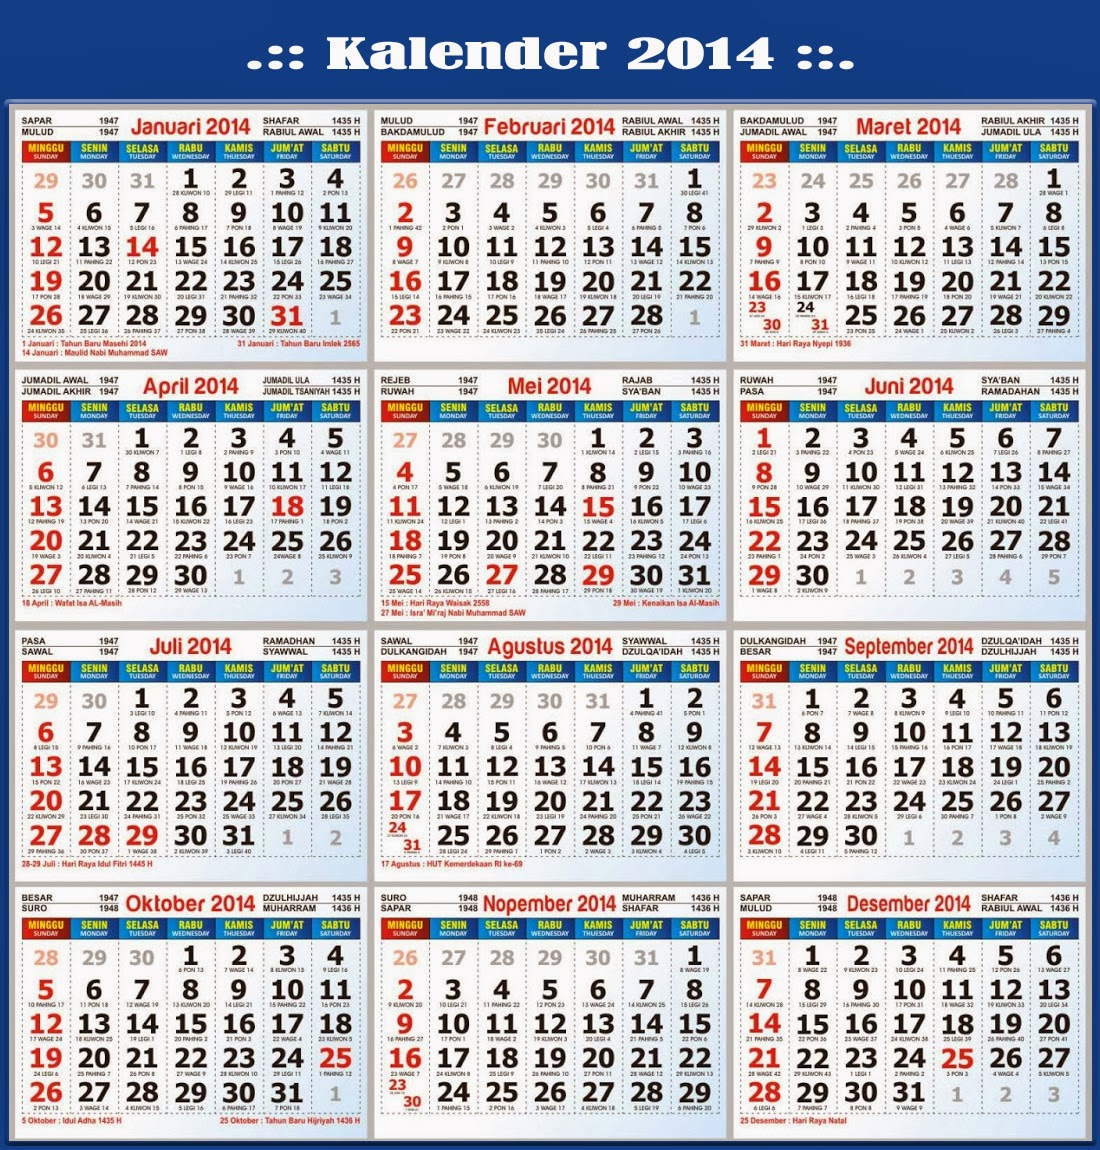 Kalender 2014 beserta Hari Libur Nasional dan Cuti Bersama